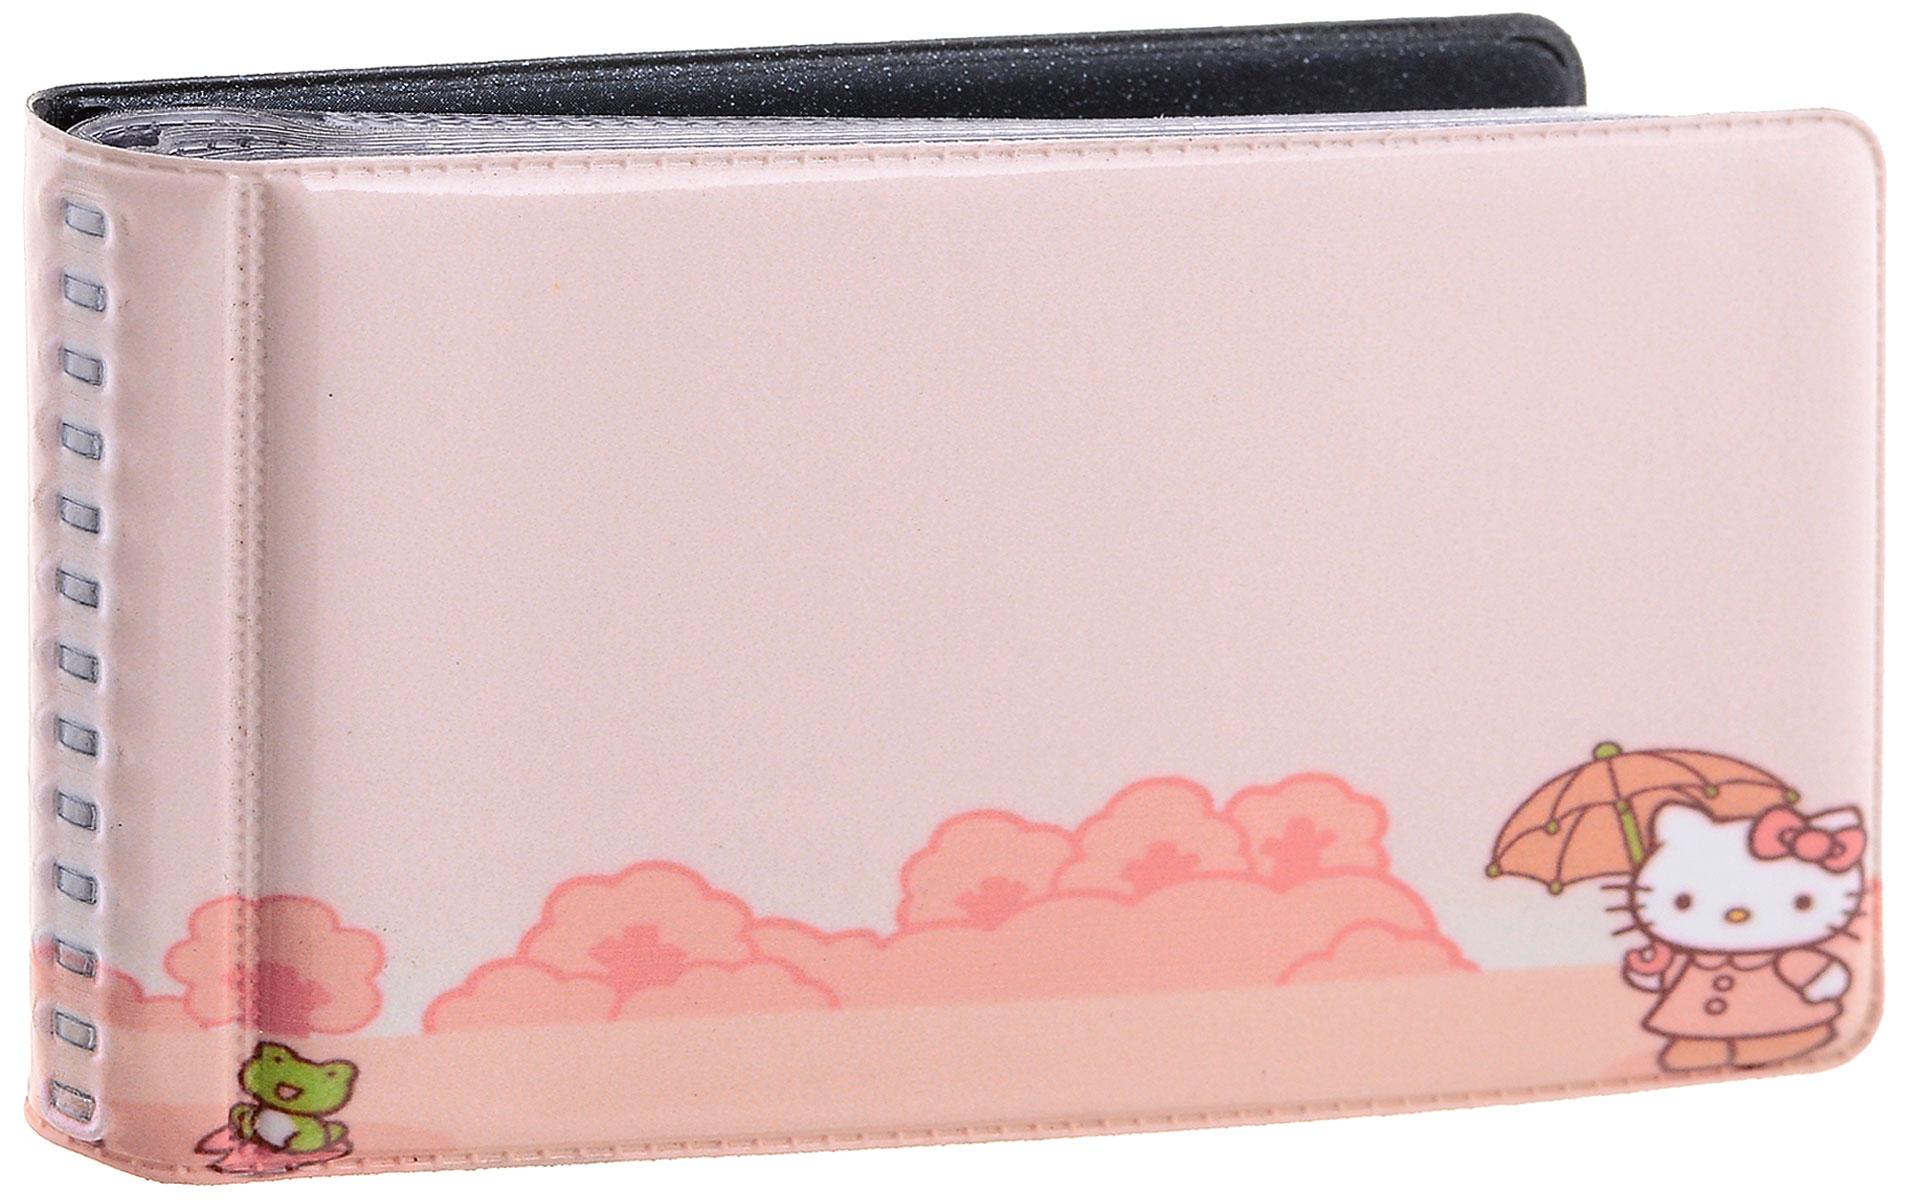 Визитница Эврика Китти, цвет: розовый. 93202BM8434-58AEОригинальная визитница. Внутри расположен блок на 20 страниц-карманов для размещения визиток.